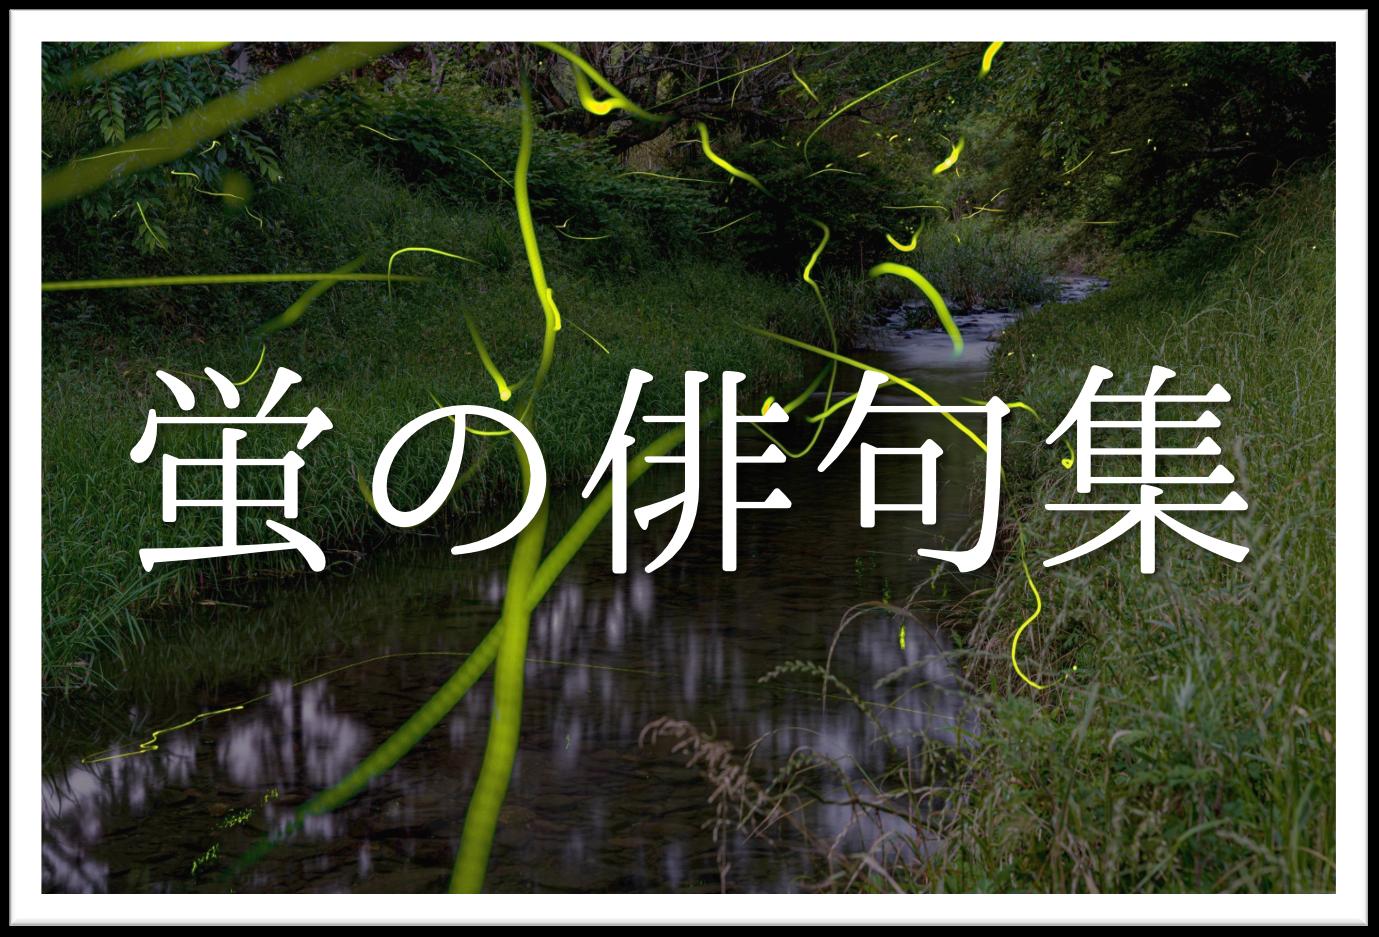 【蛍の俳句 20選】知っておきたい!!季語を含むおすすめ有名&素人俳句を紹介!